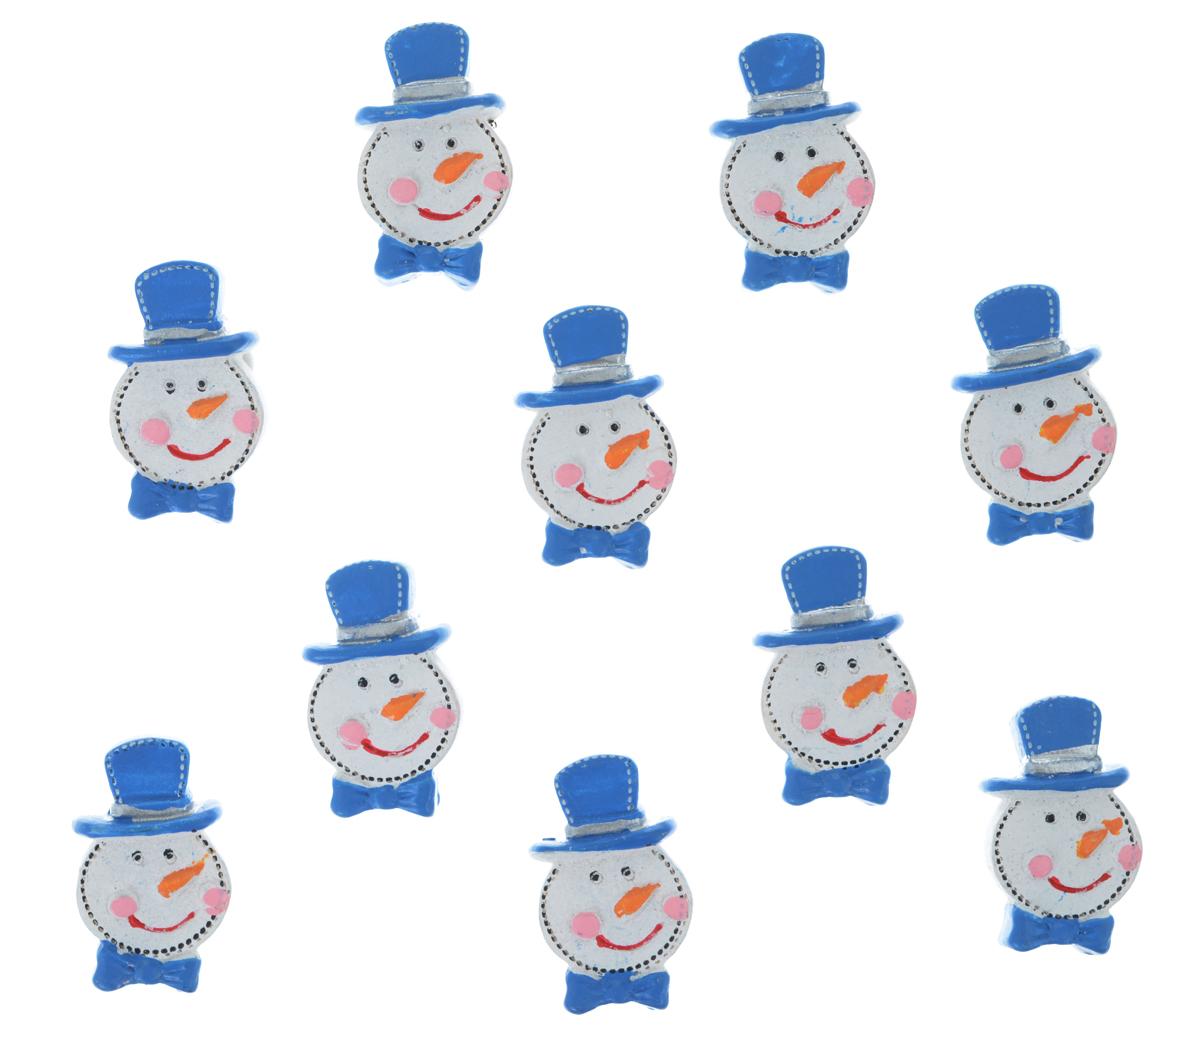 Набор декоративных украшений Lunten Ranta Снеговик в шляпе, на стикере, цвет: белый, синий, 10 шт63577_1Декоративные украшения Lunten Ranta Снеговик в шляпе изготовлены из полирезина и прекрасно подойдут для декора любой поверхности. Их можно использовать для украшения фотоальбомов, подарков, конвертов и многого другого. В наборе - 10 украшений, которые крепятся к поверхности благодаря бумаге на клейкой основе с обратной стороны изделия. Творчество, рукоделие способно приносить массу приятных эмоций не только человеку, который этим занимается, но и его близким, друзьям, родным. Размер украшения: 3 см х 1.7 см х 0,8 см.